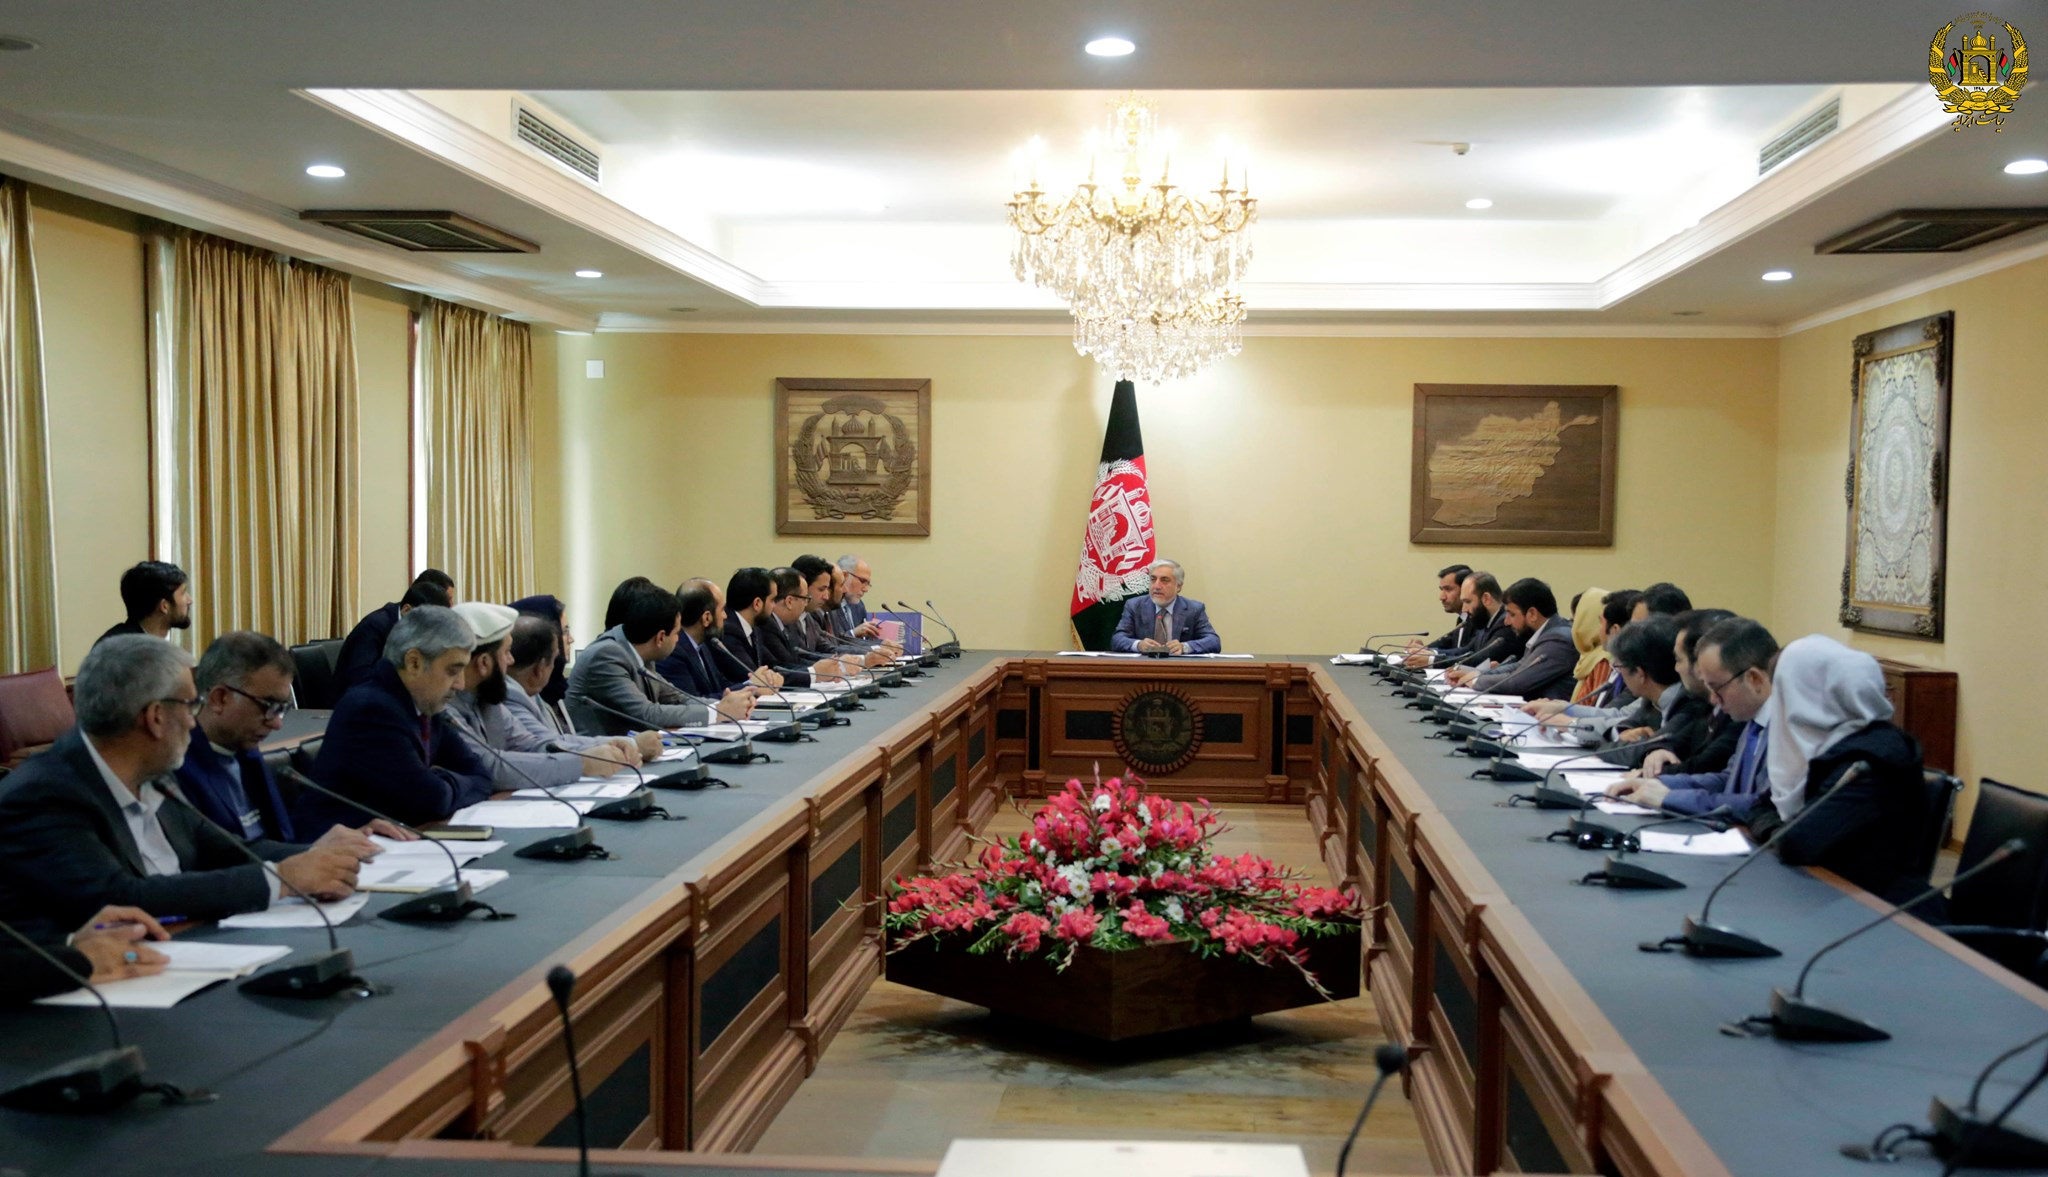 جلسه فوق العاده کمیسیون مبارزه با آلودگی هوا